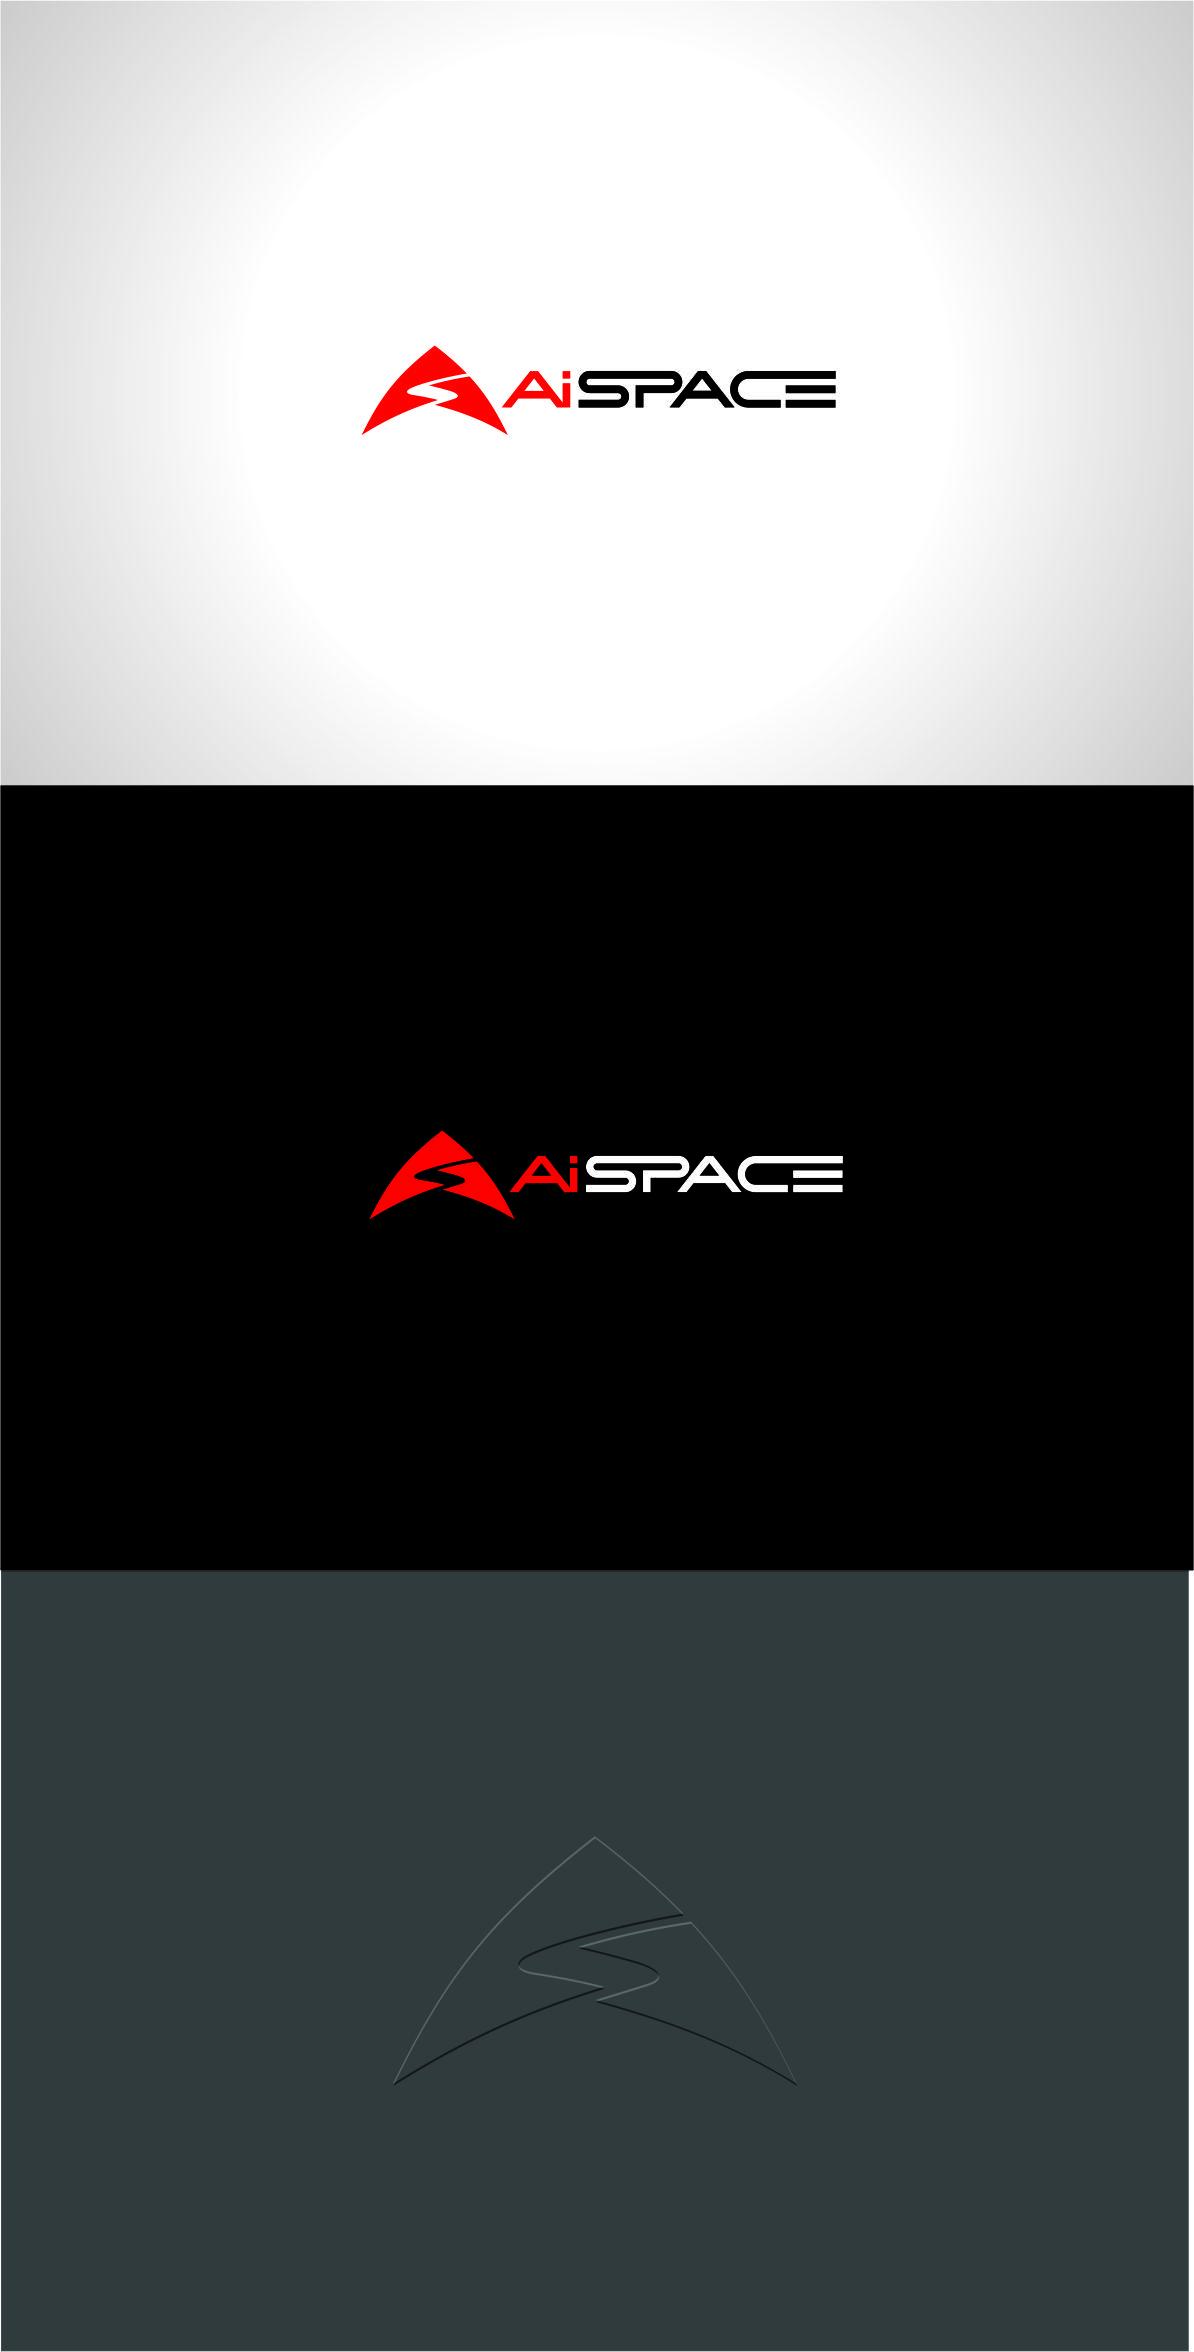 Разработать логотип и фирменный стиль для компании AiSpace фото f_12751ac6819a0a49.jpg